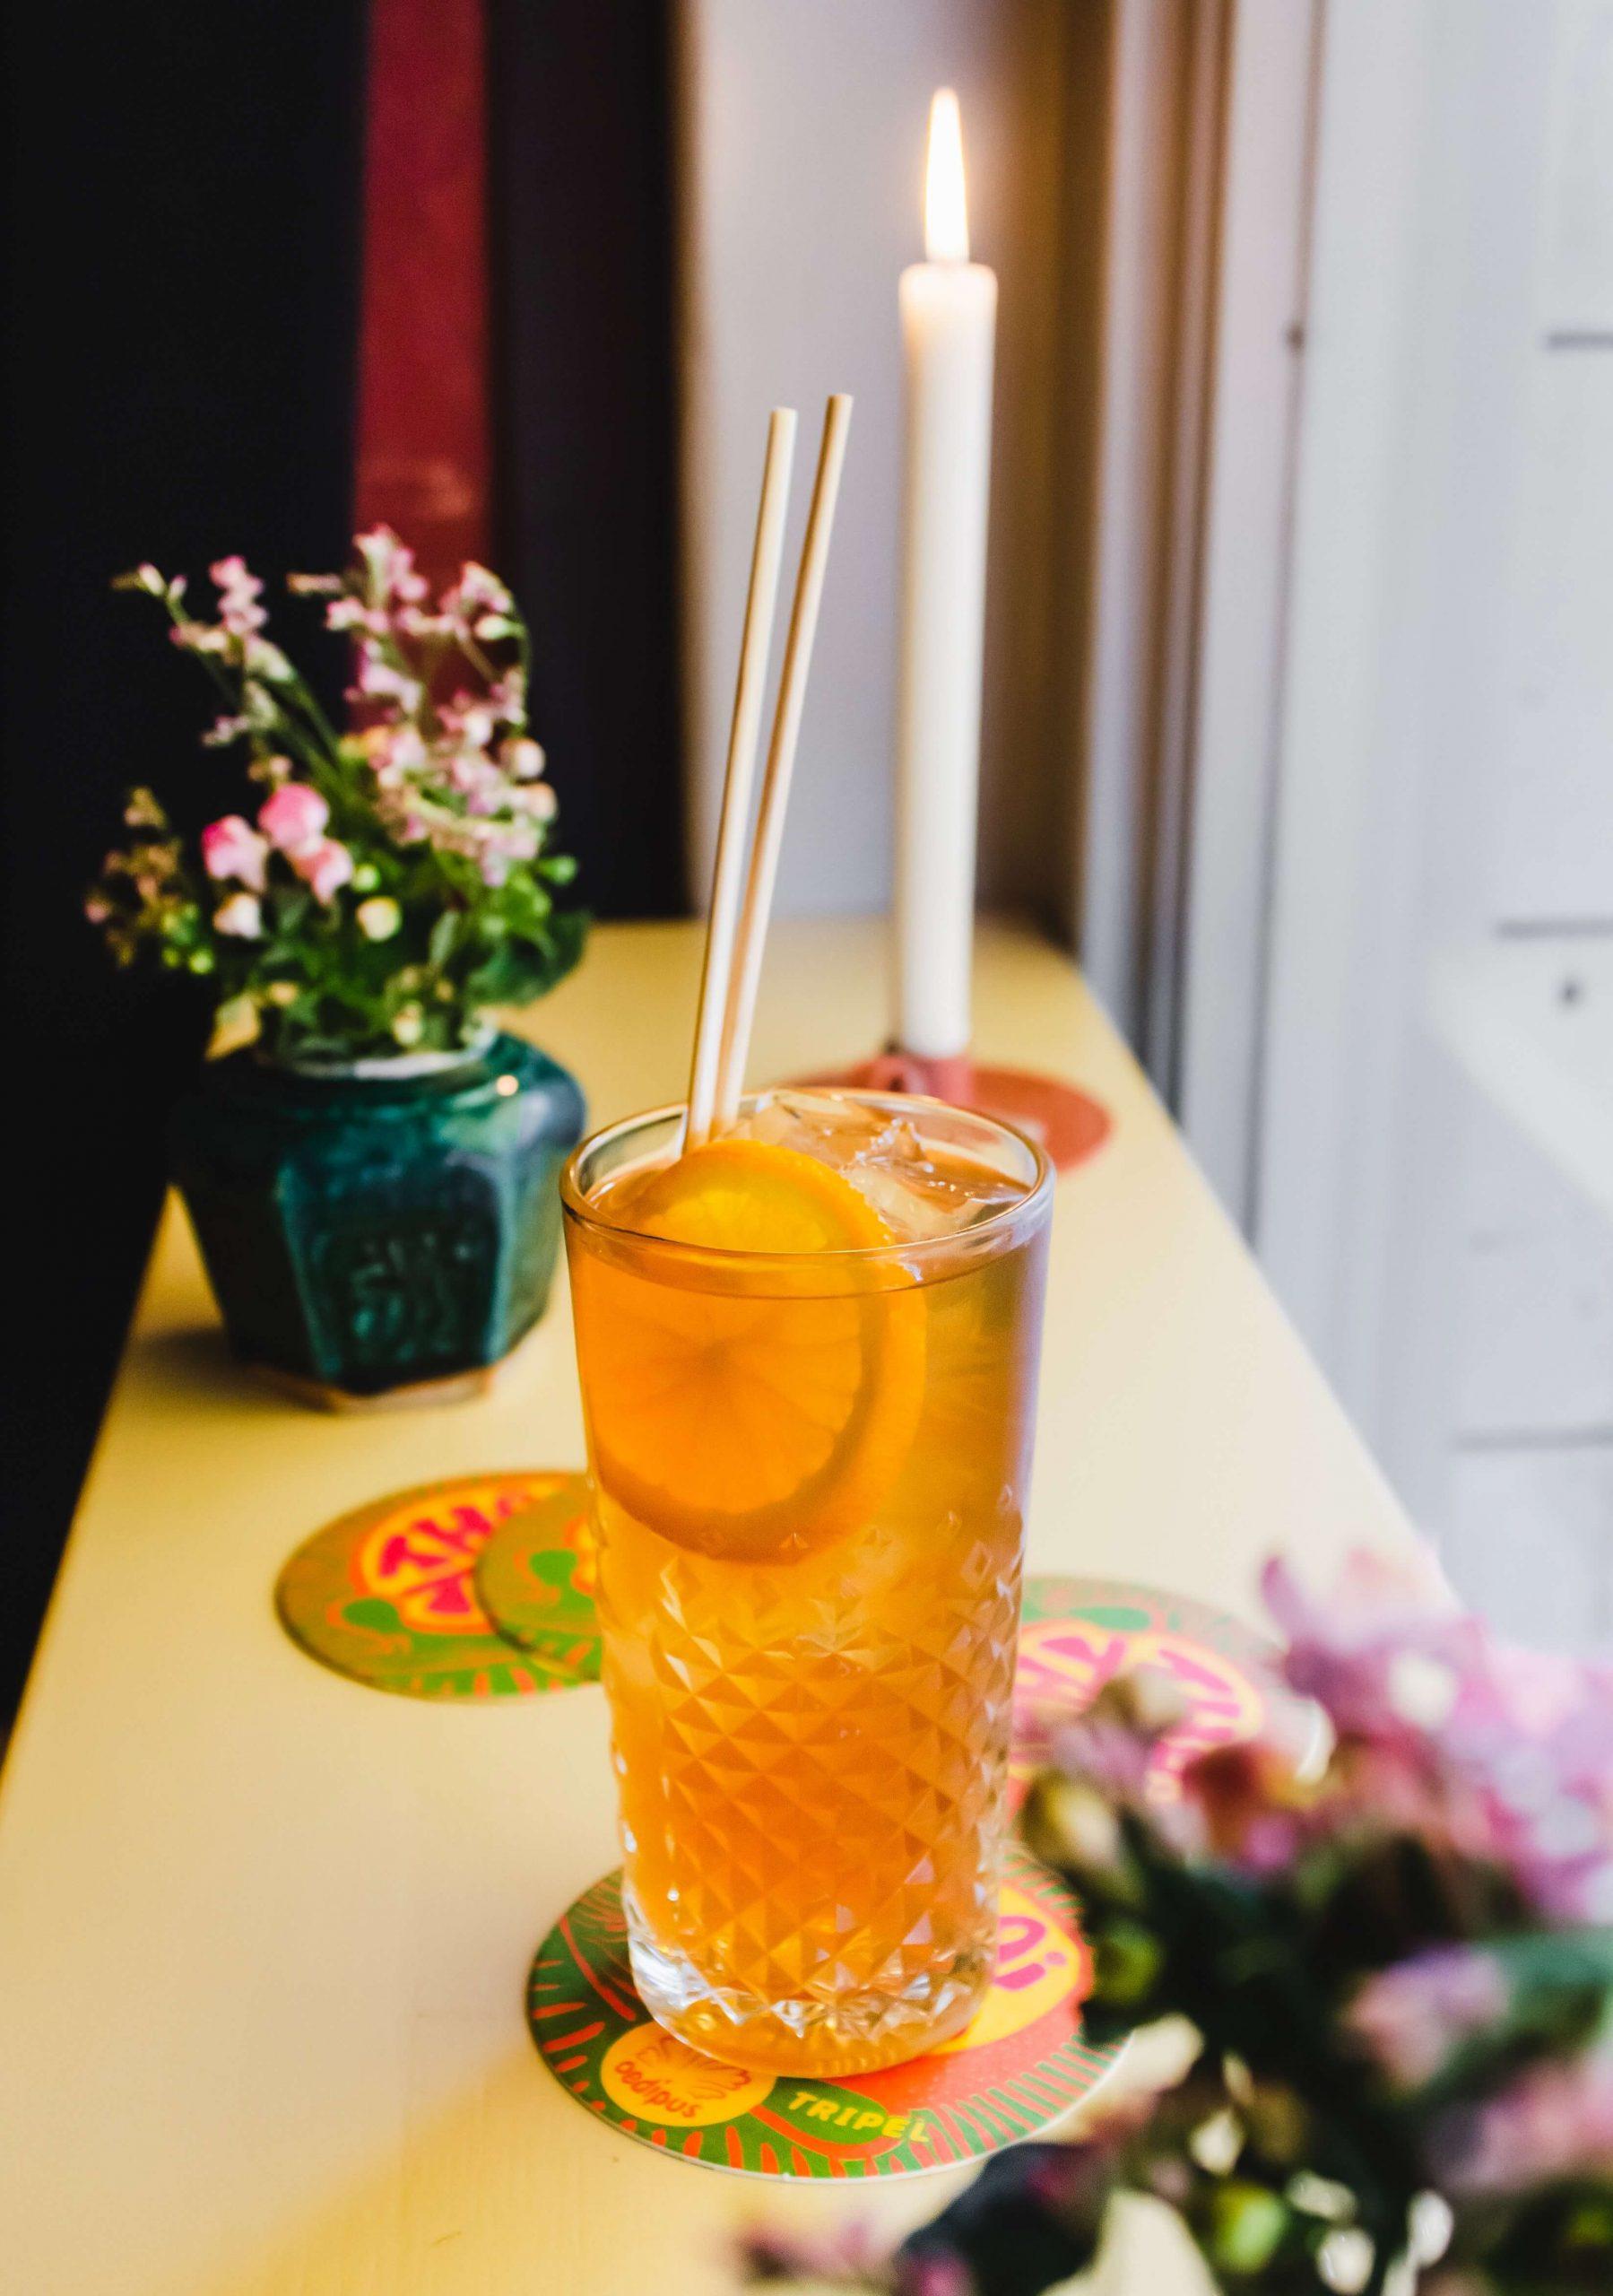 Madal-Bal-naravni-drevesni-sirup-limonina-prečiščevalna-dieta-lemon-detox1